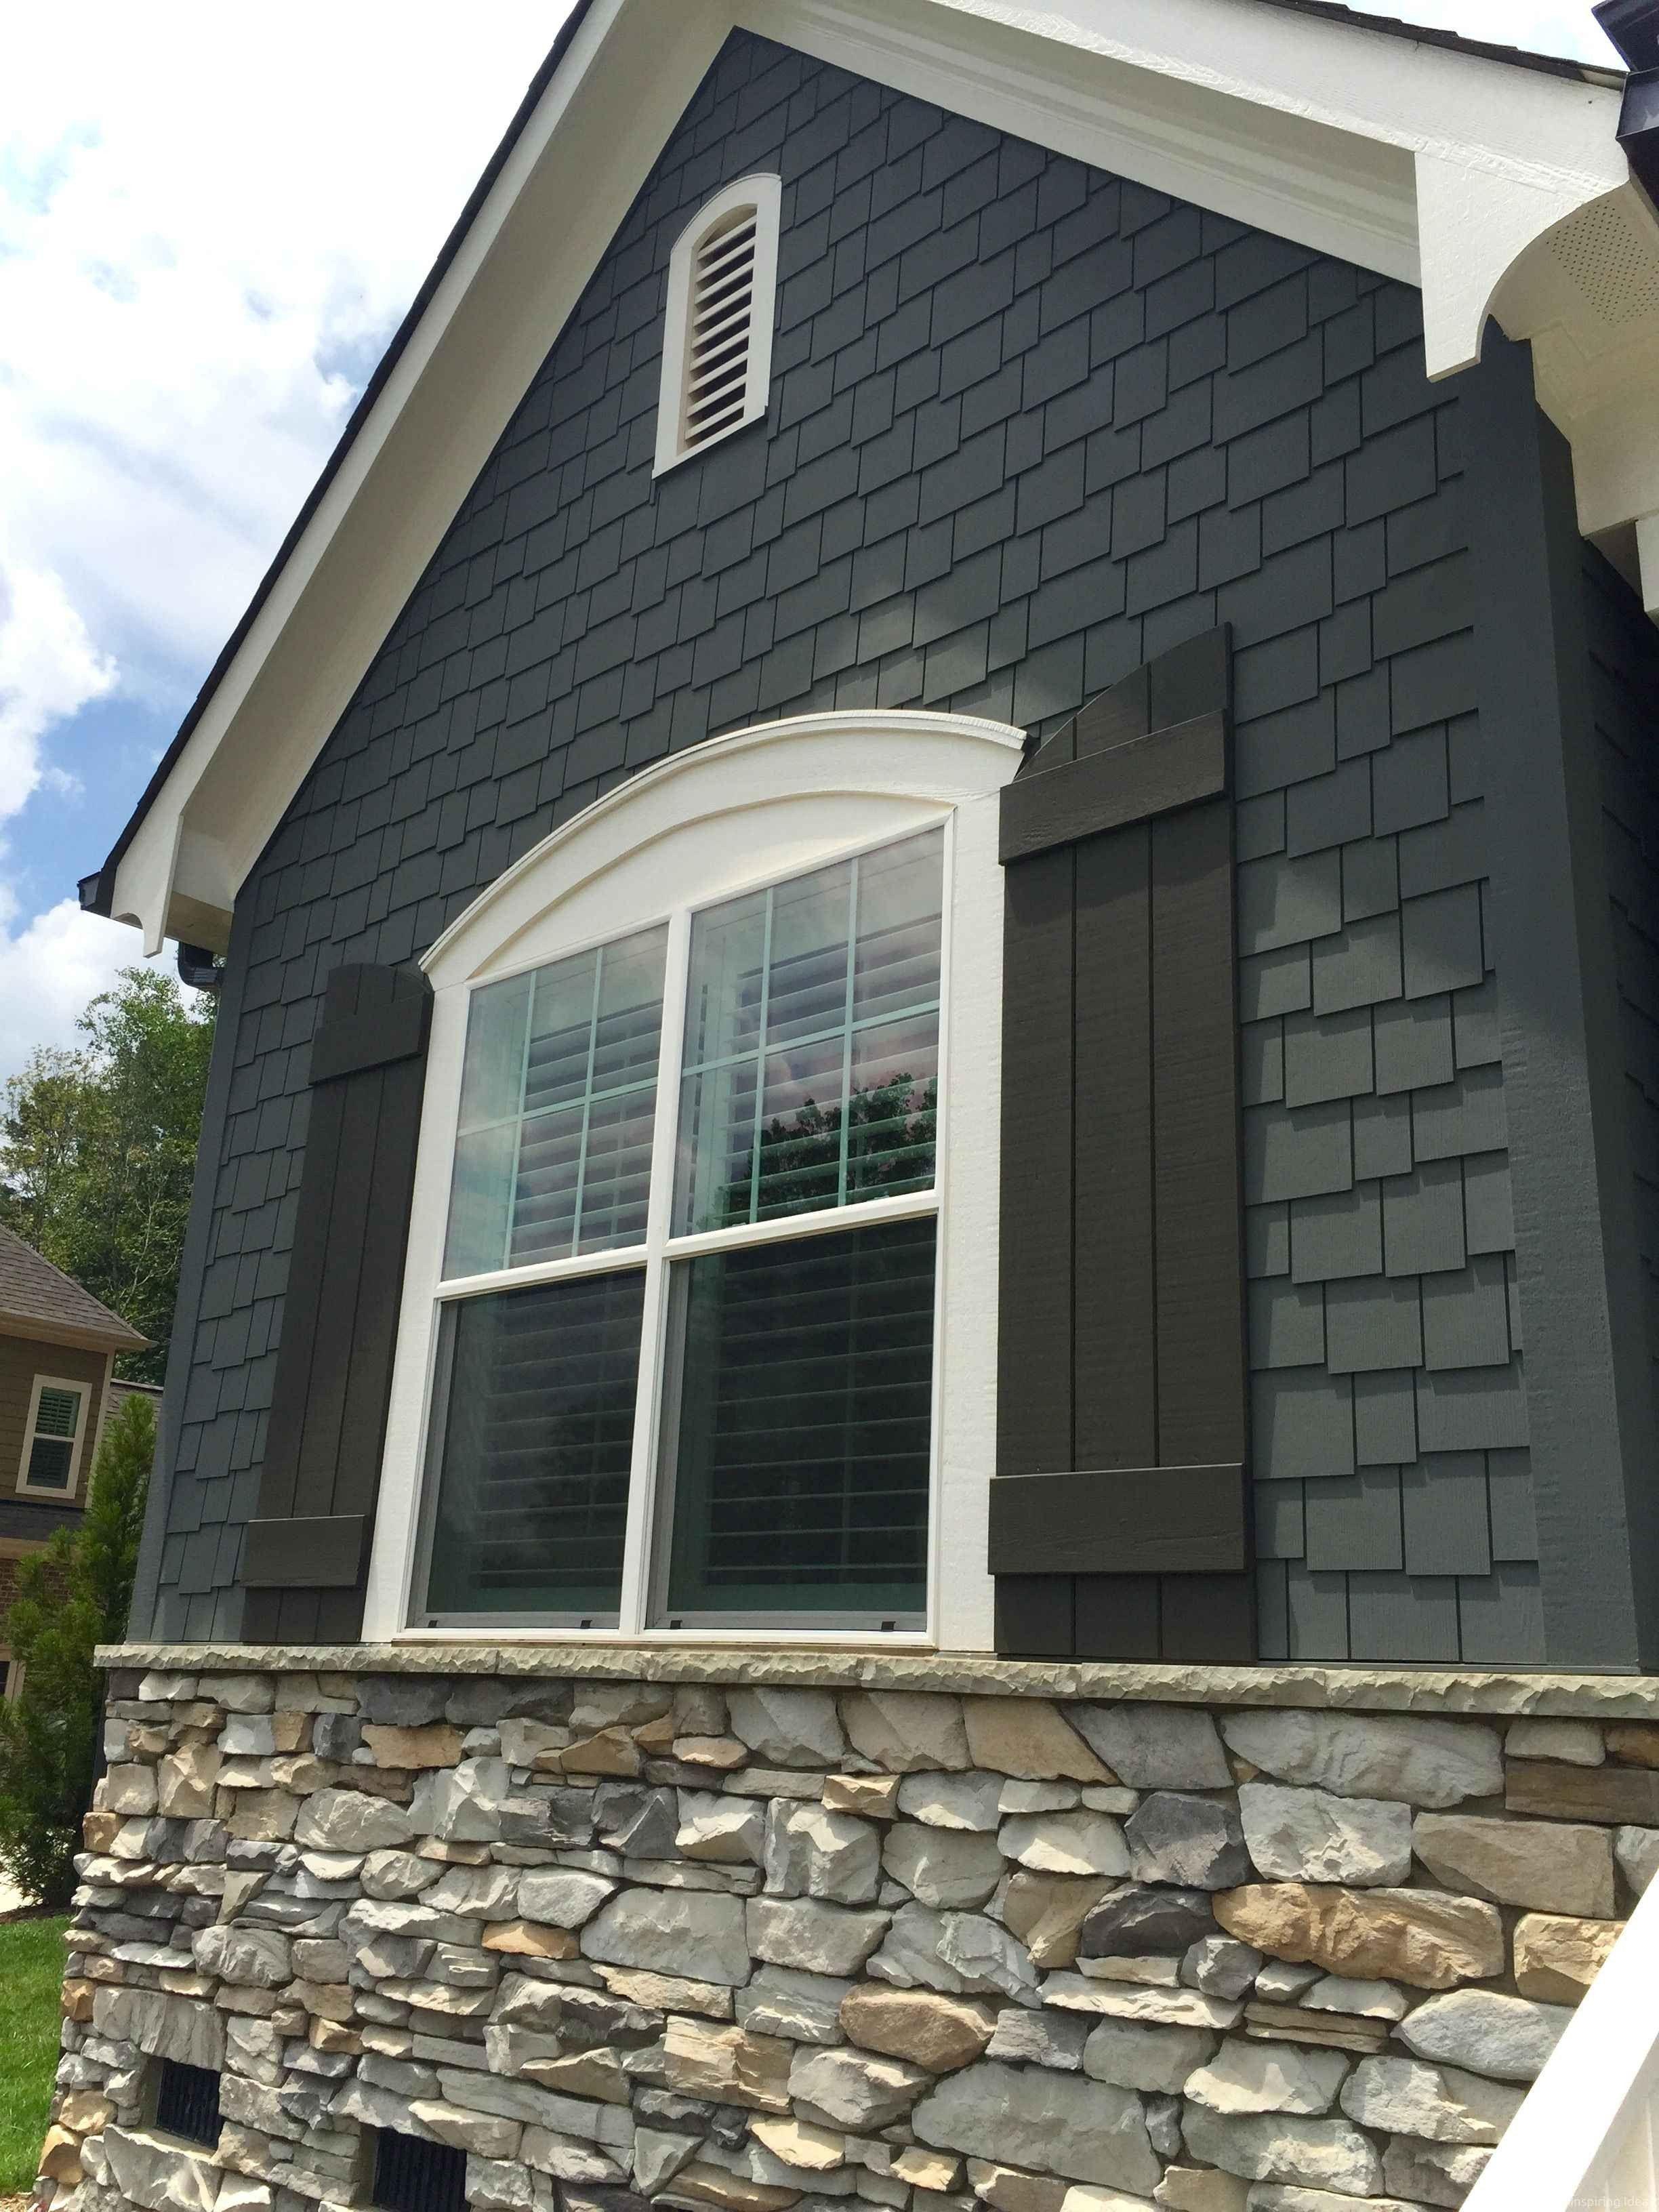 Major Cottage Exterior Colors Ideas Exterior Exteriorideas Exteriordesigncolor Cottage Exterior Colors Cottage Exterior House Paint Exterior